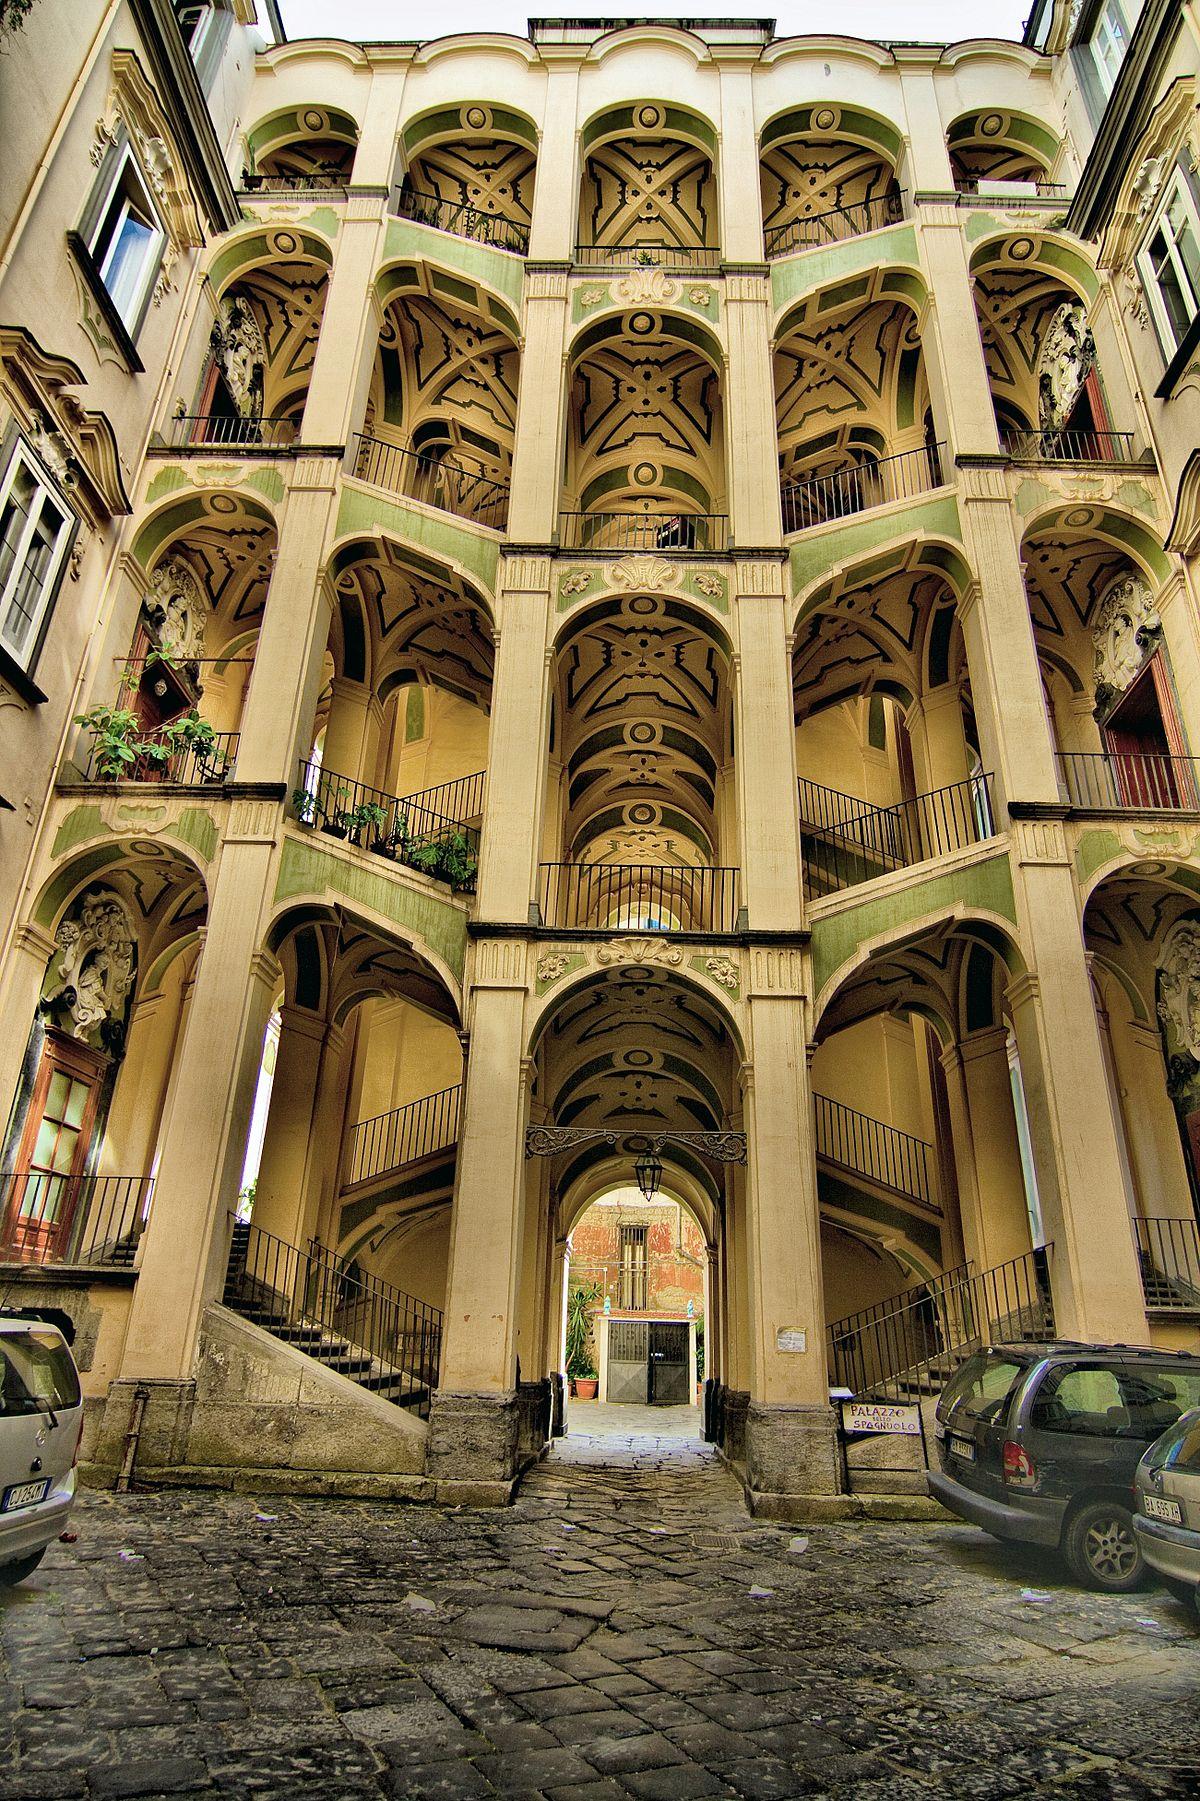 Palazzo dello spagnolo naples wikipedia for Palazzo in stile spagnolo